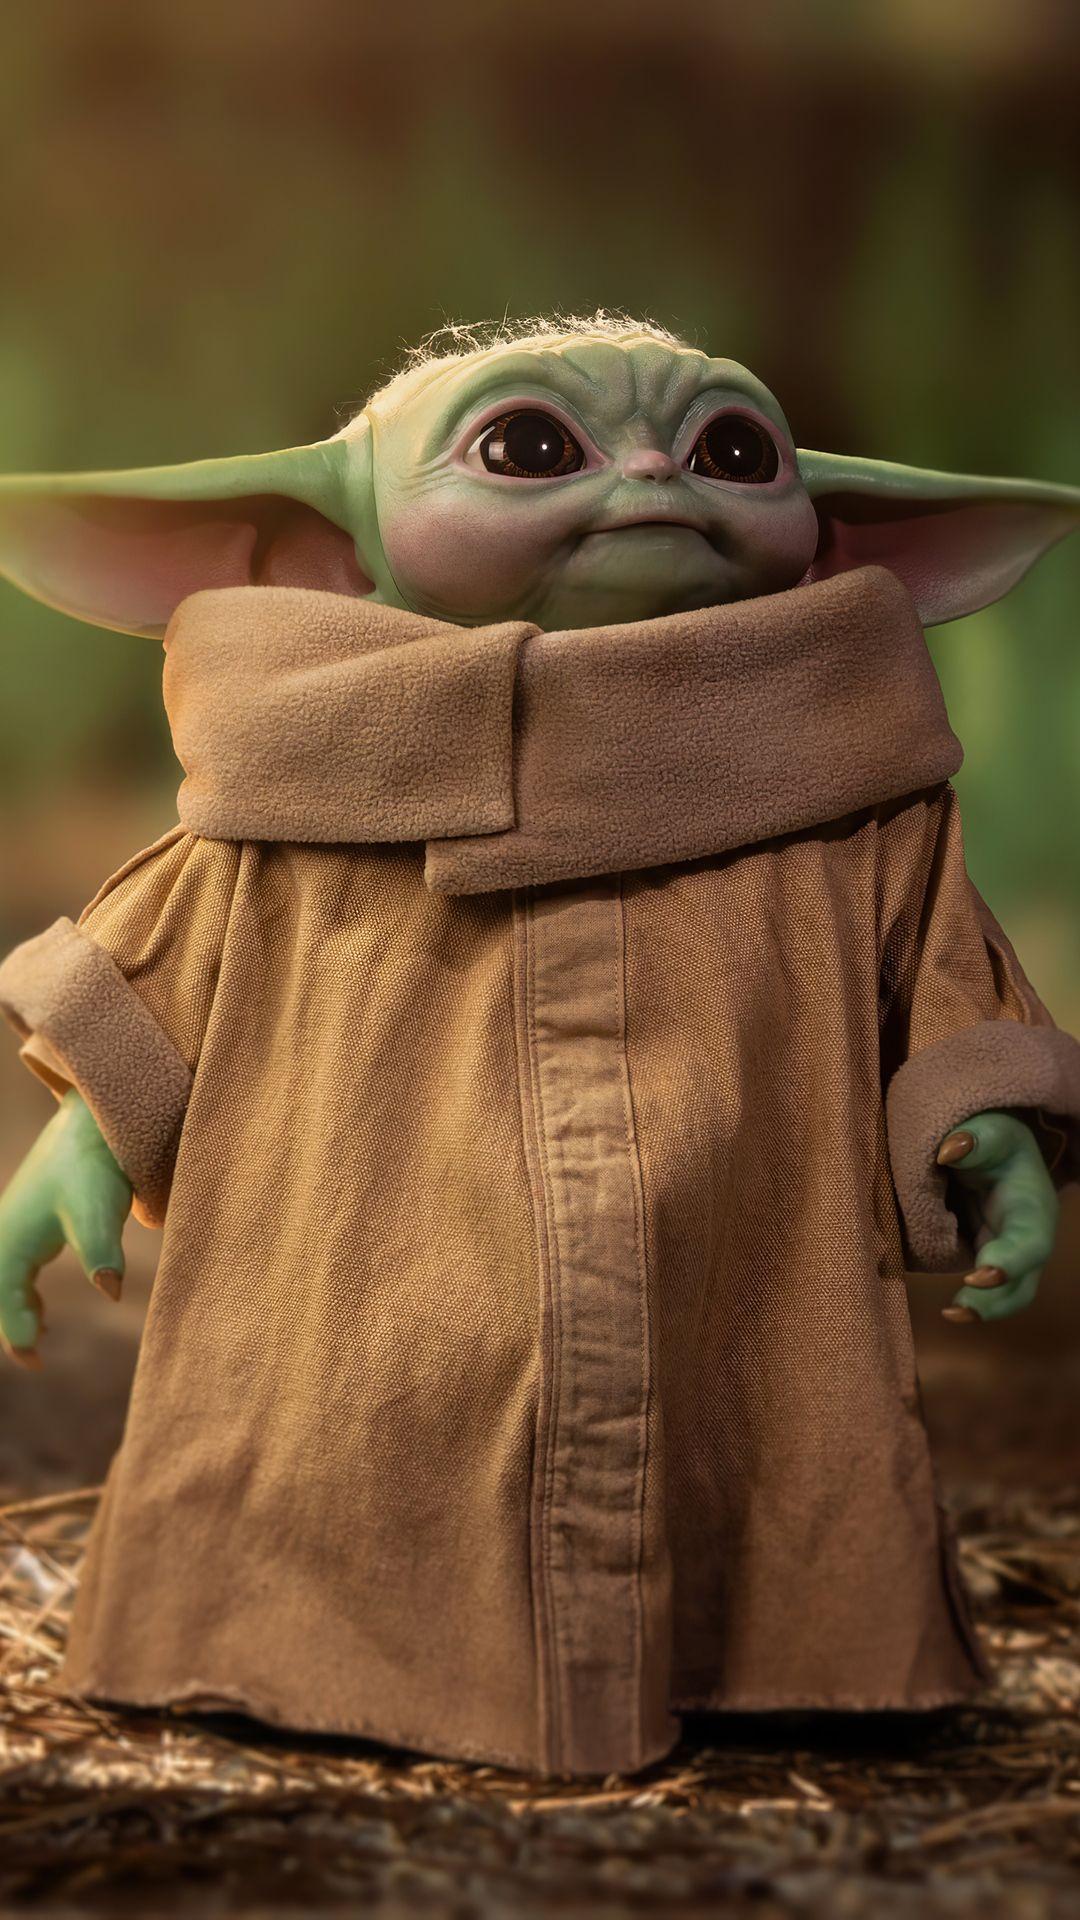 Baby Yoda Cute 4k Wallpaper In 2021 Star Wars Wallpaper Star Wars Wallpaper